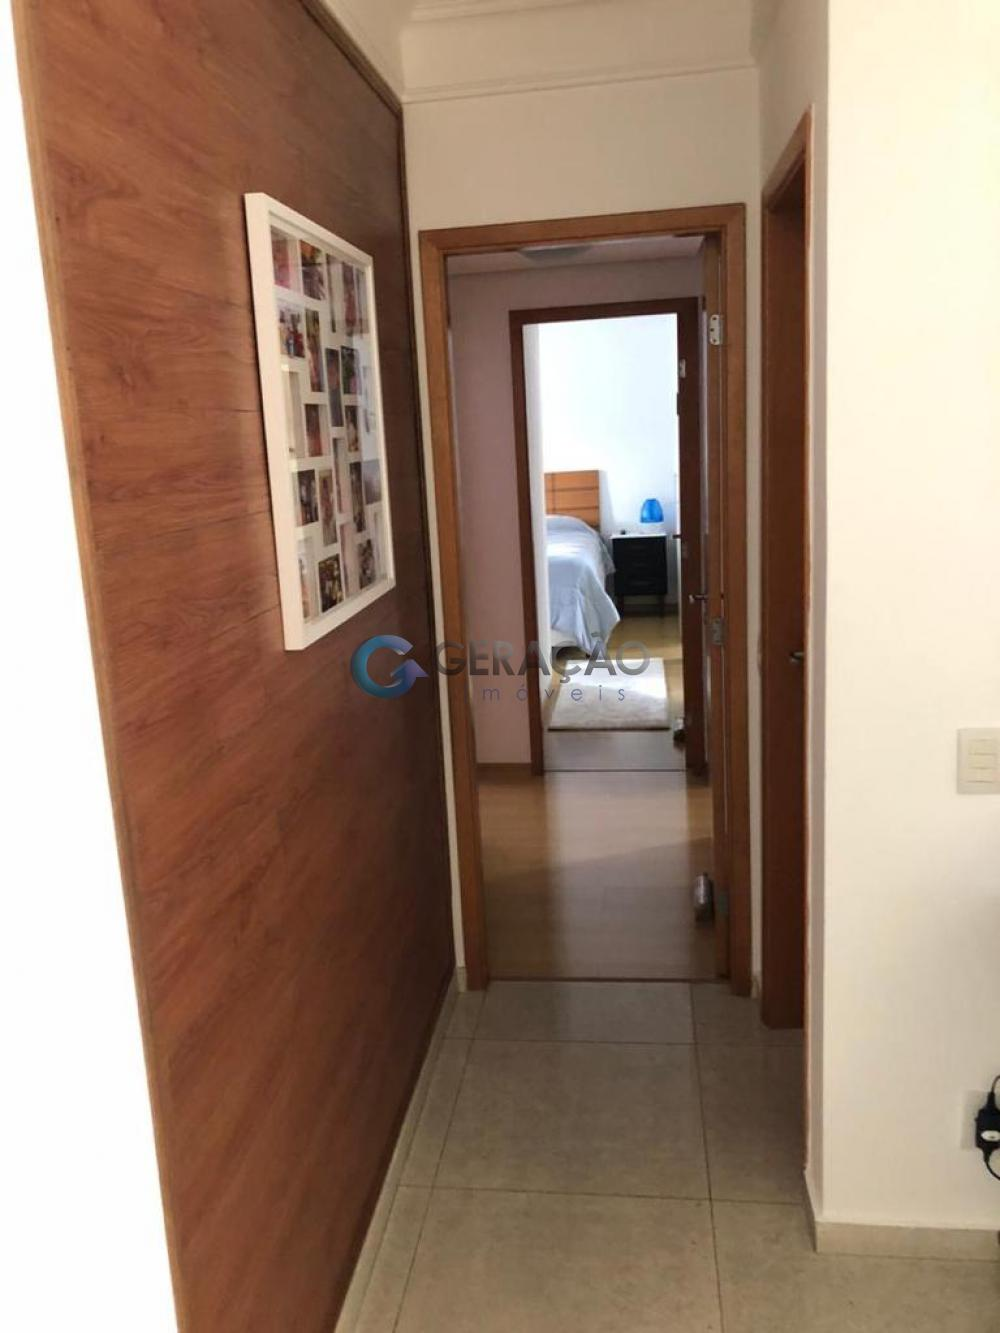 Comprar Apartamento / Padrão em São Paulo apenas R$ 1.300.000,00 - Foto 5